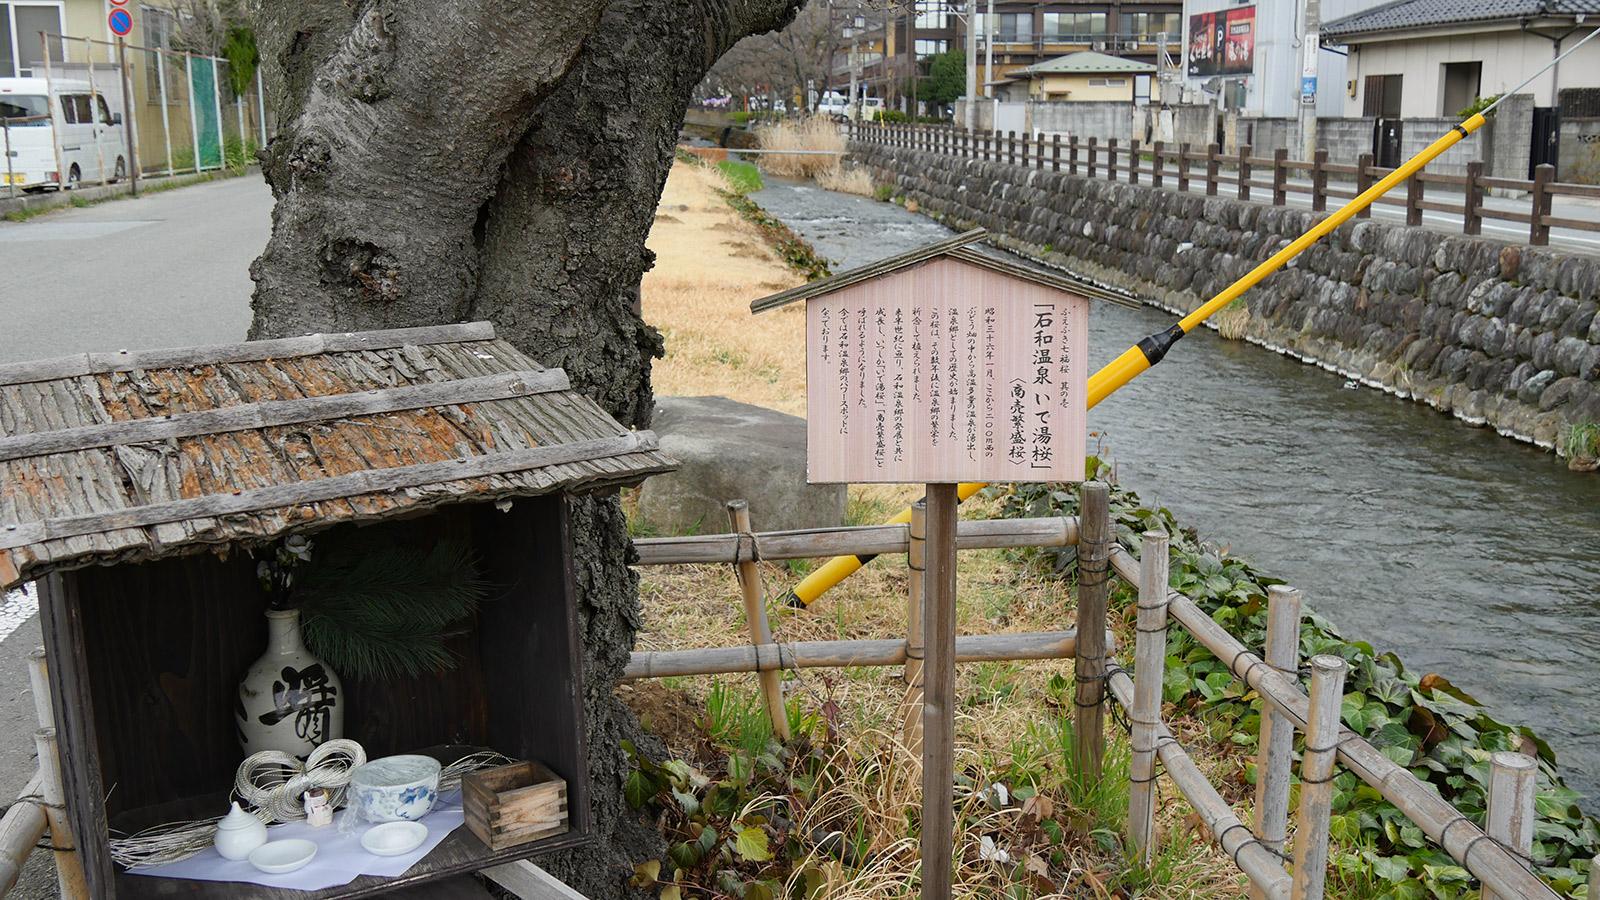 「いで湯桜」昭和36年の石和温泉湧出後に植えられた記念樹だそうで、笛吹市の商売繁盛桜として七福桜の一つに数えられれています。